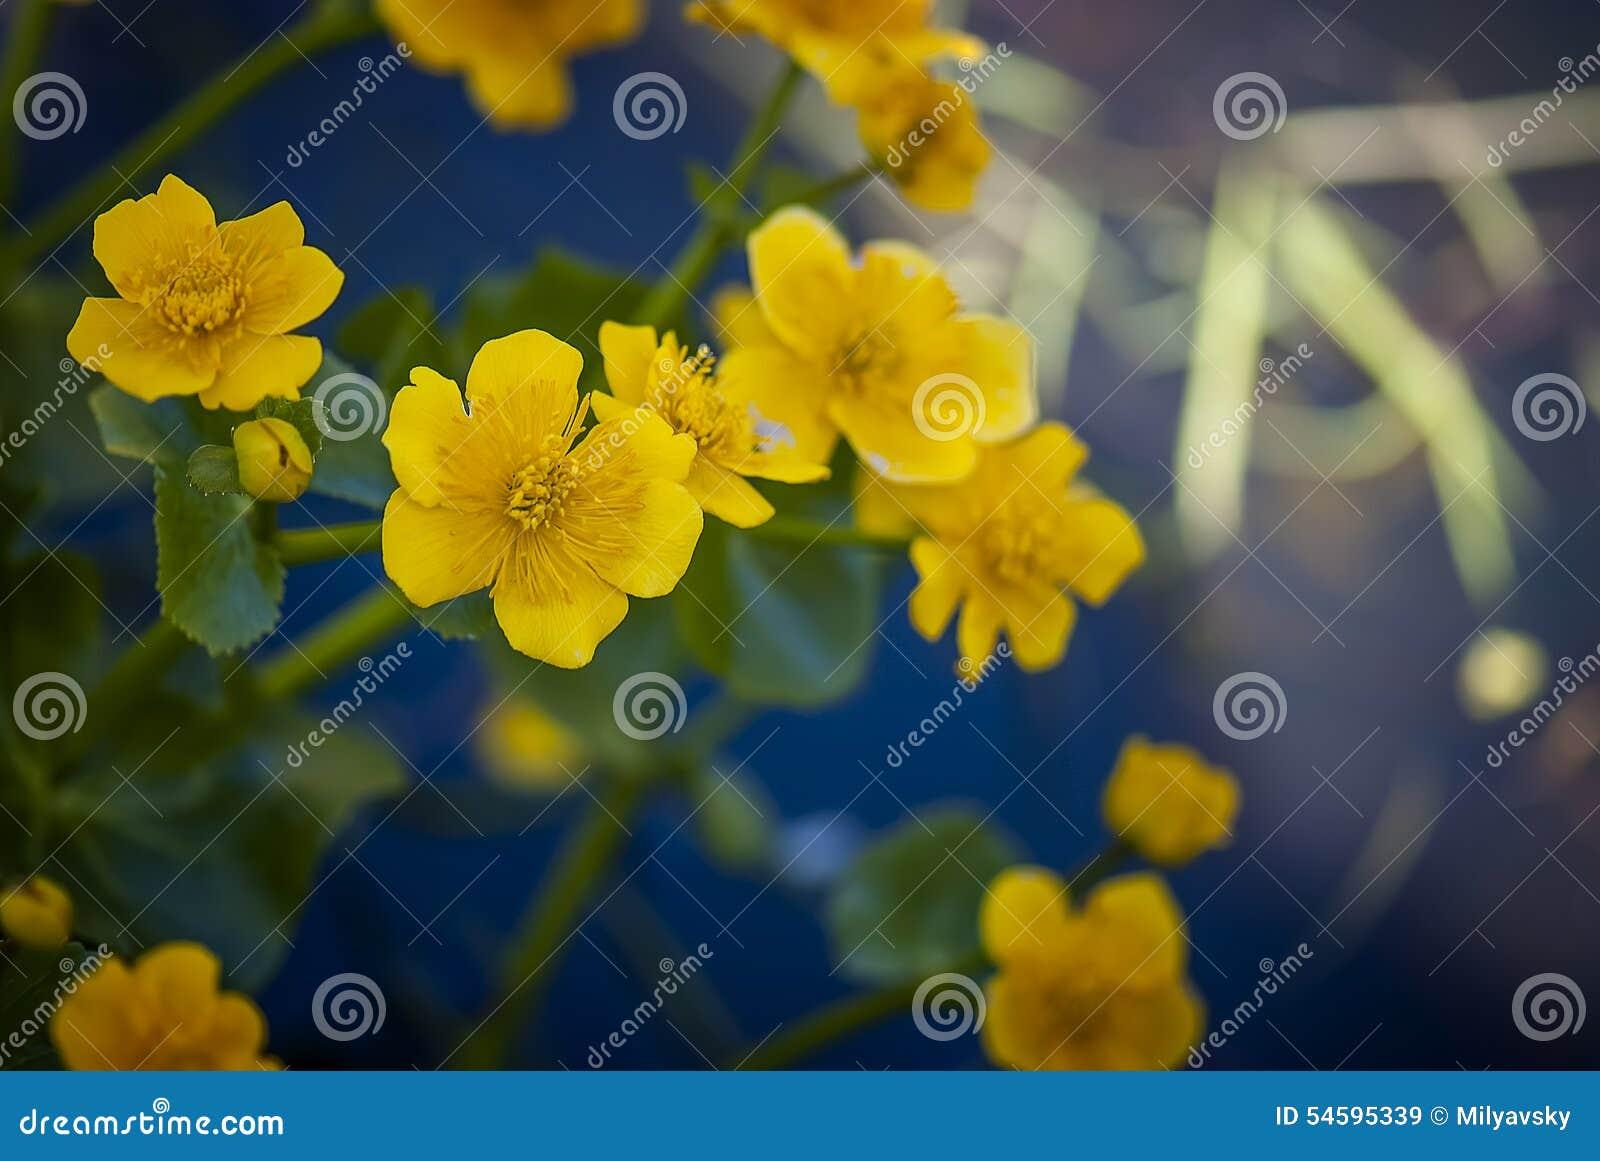 Желтые цветки болота, взгляд макроса